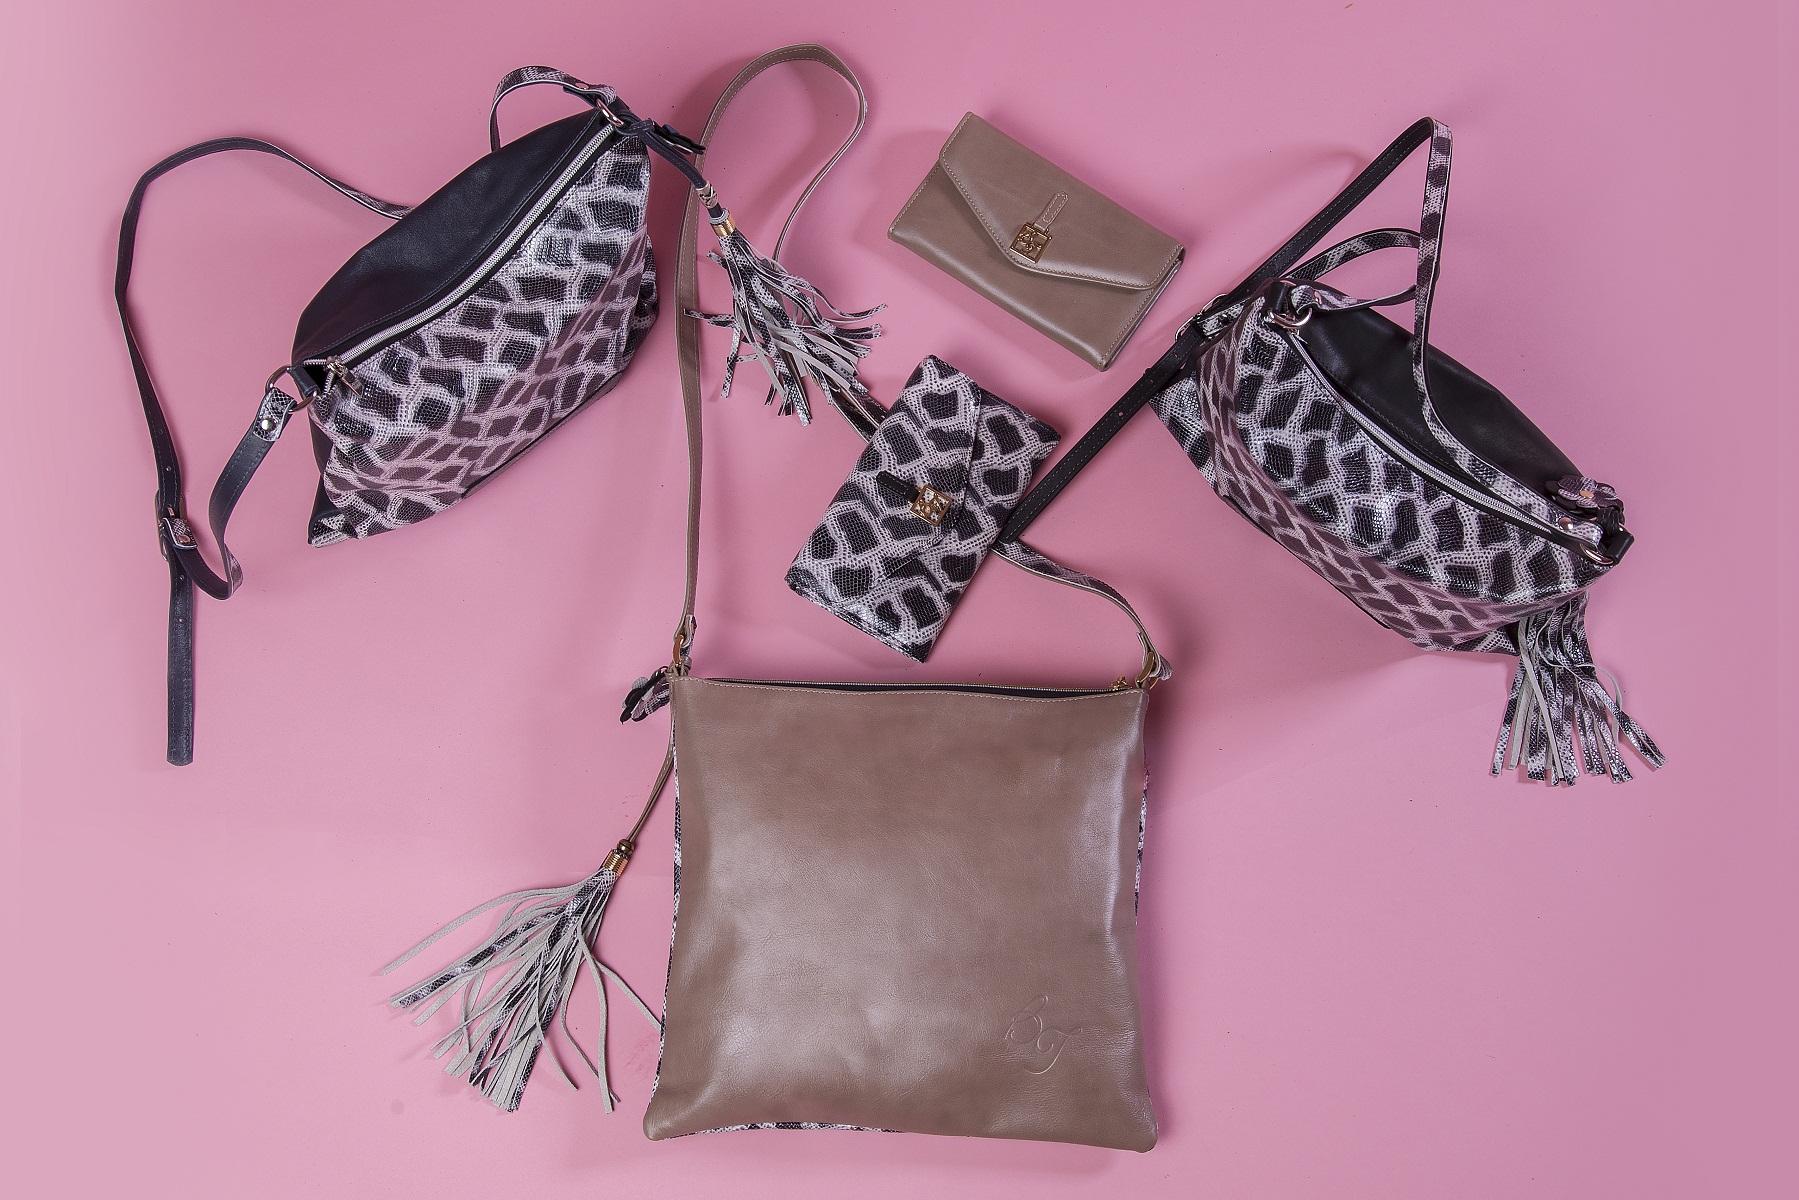 Magnolia táskák